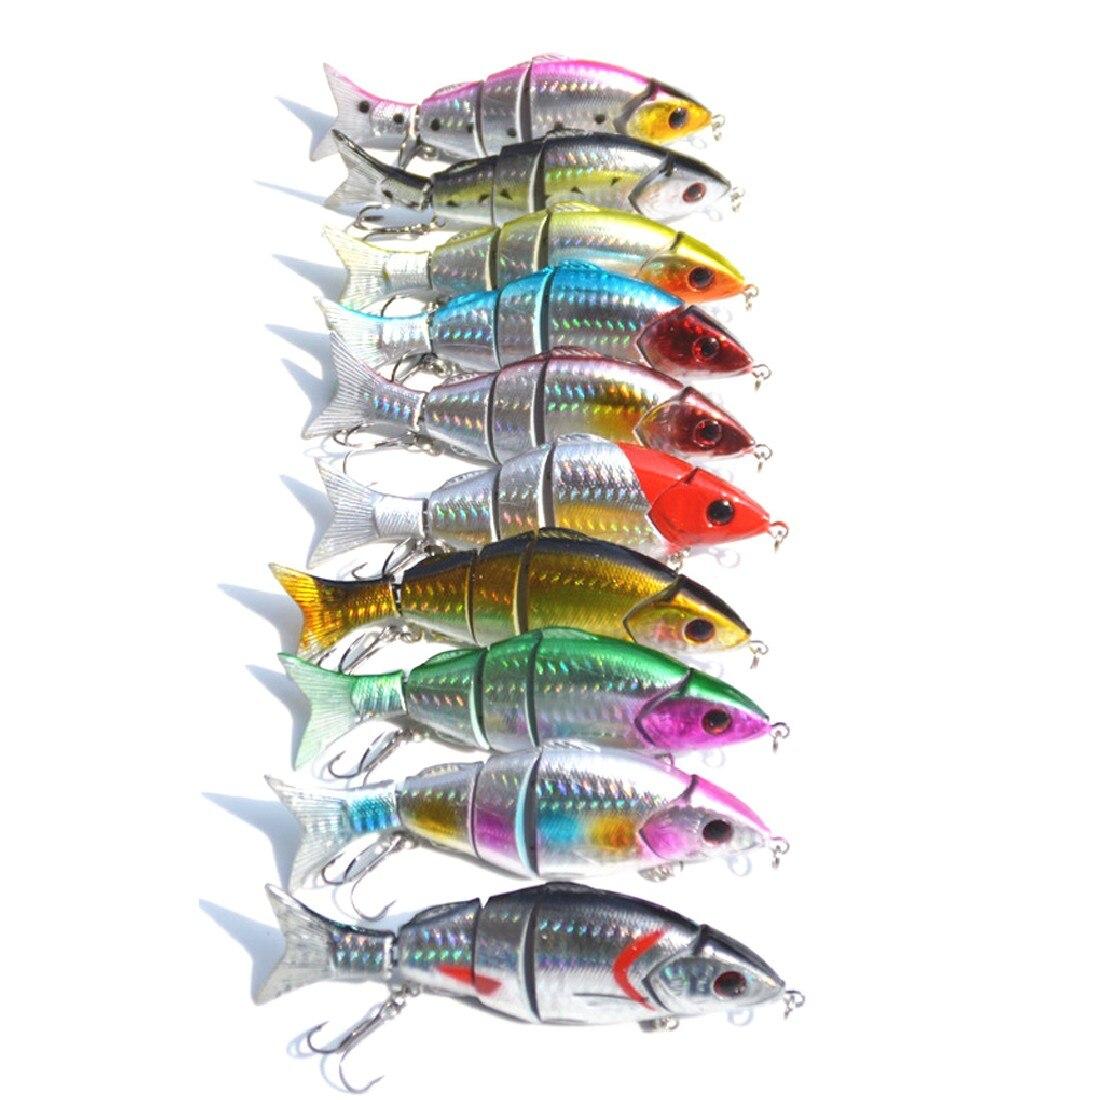 Рыба Инструмент развлечения приманки 10 шт. пять Ложные приманки рыболовные снасти крючок 12 см/21 г